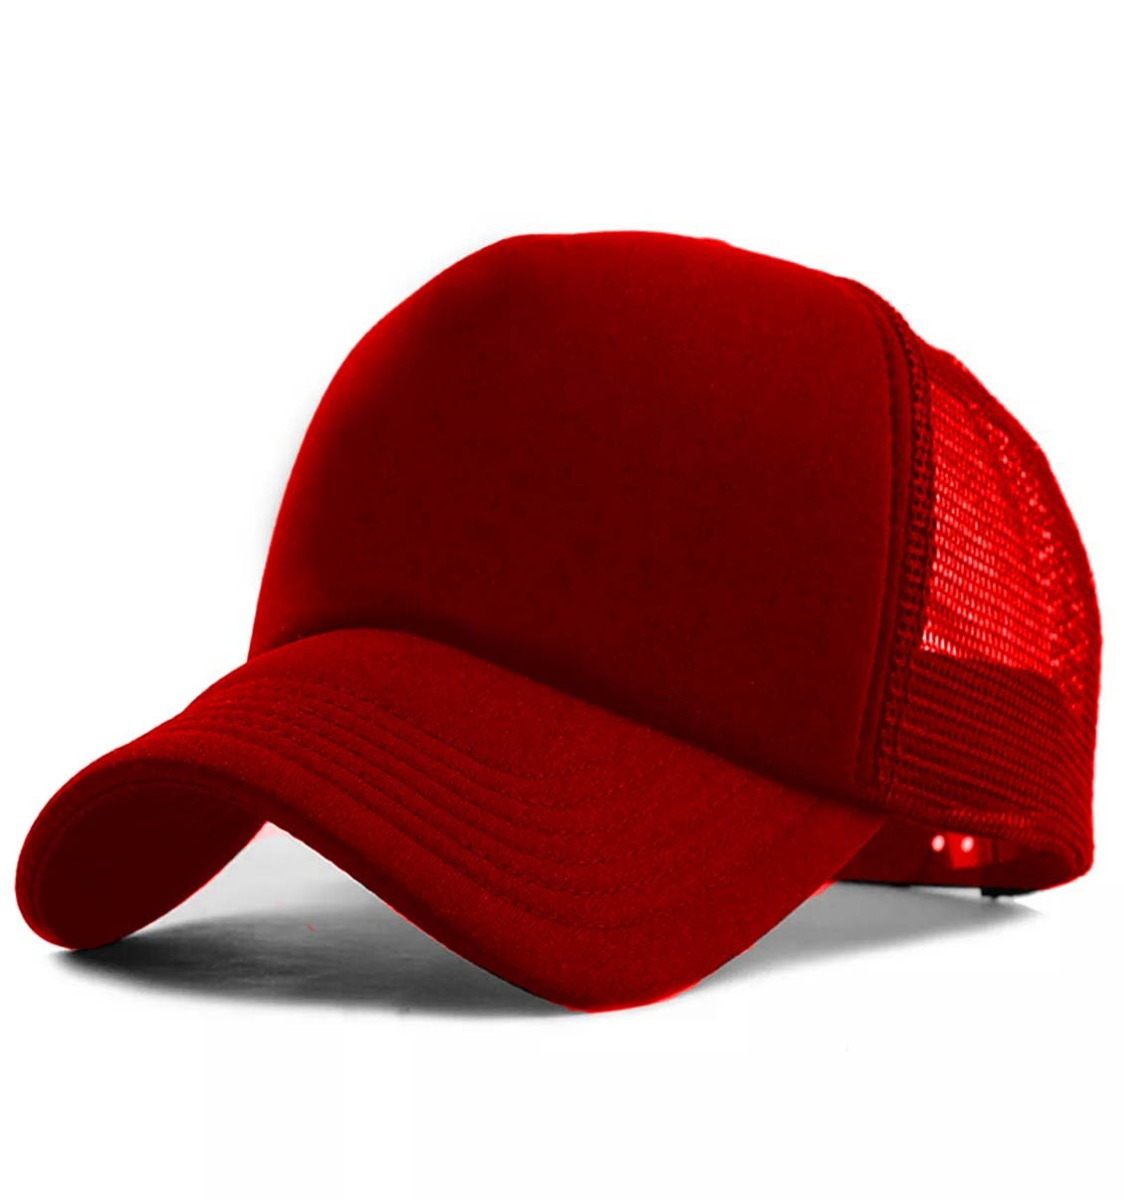 ed8c776c72327 Boné Trucker Aba Curva De Redinha Telinha Vermelho Liso - R  25